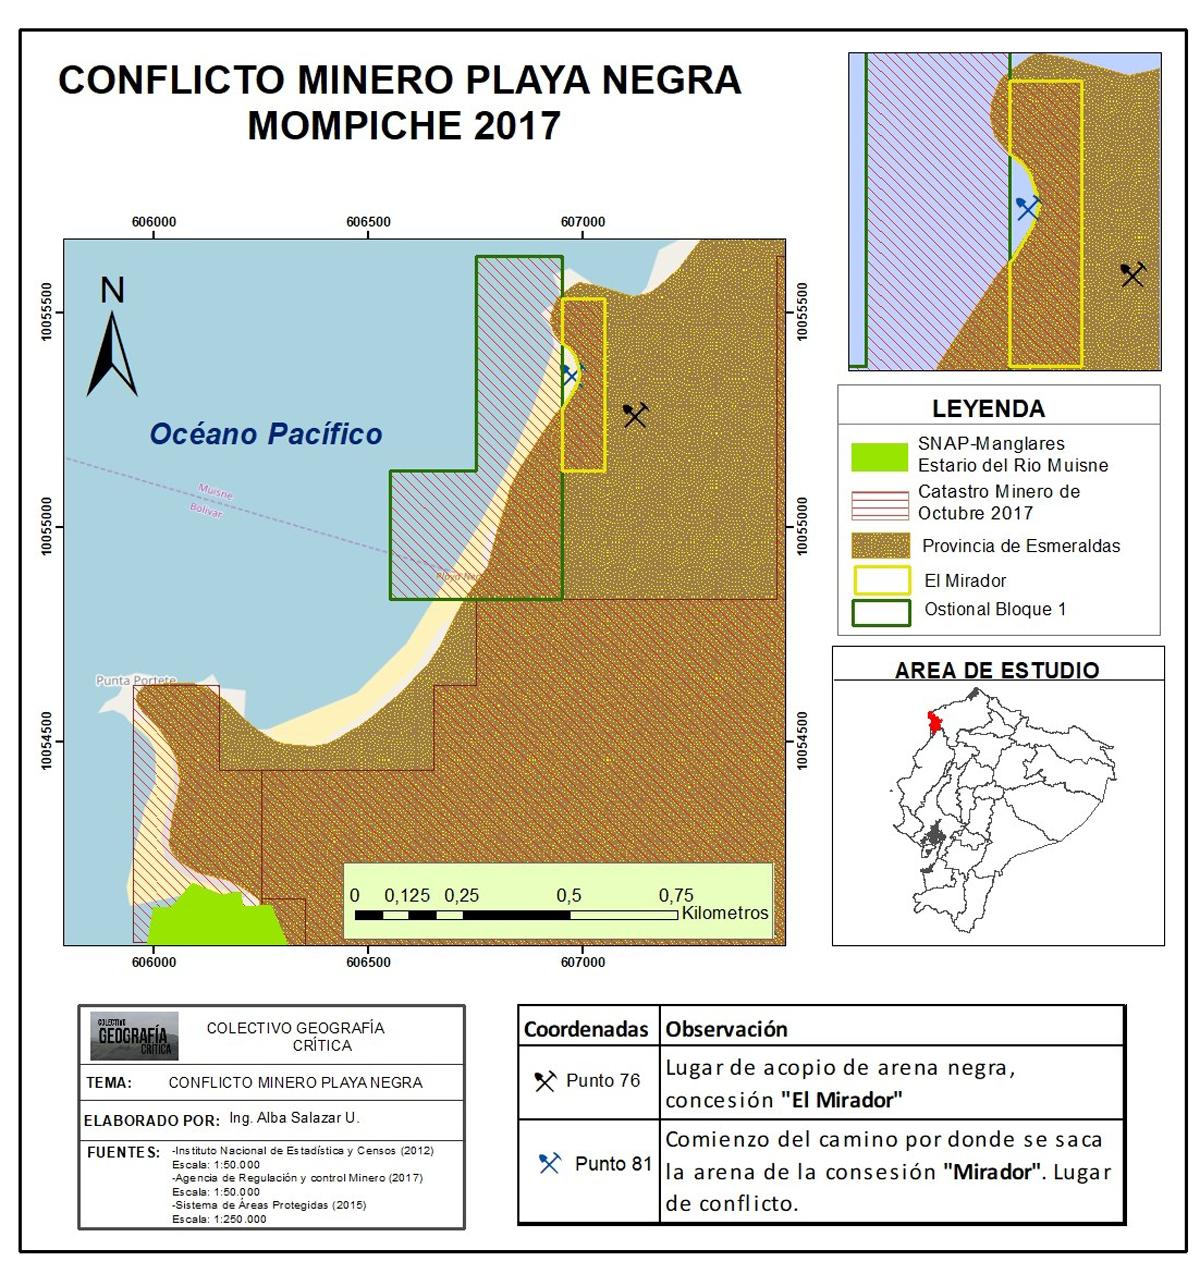 El estudio de la ONG Acción-Ecológica determina que la minería en Playa Negra se encuentra fuera de las concesiones otorgadas. Mapa: Acción Ecológica.